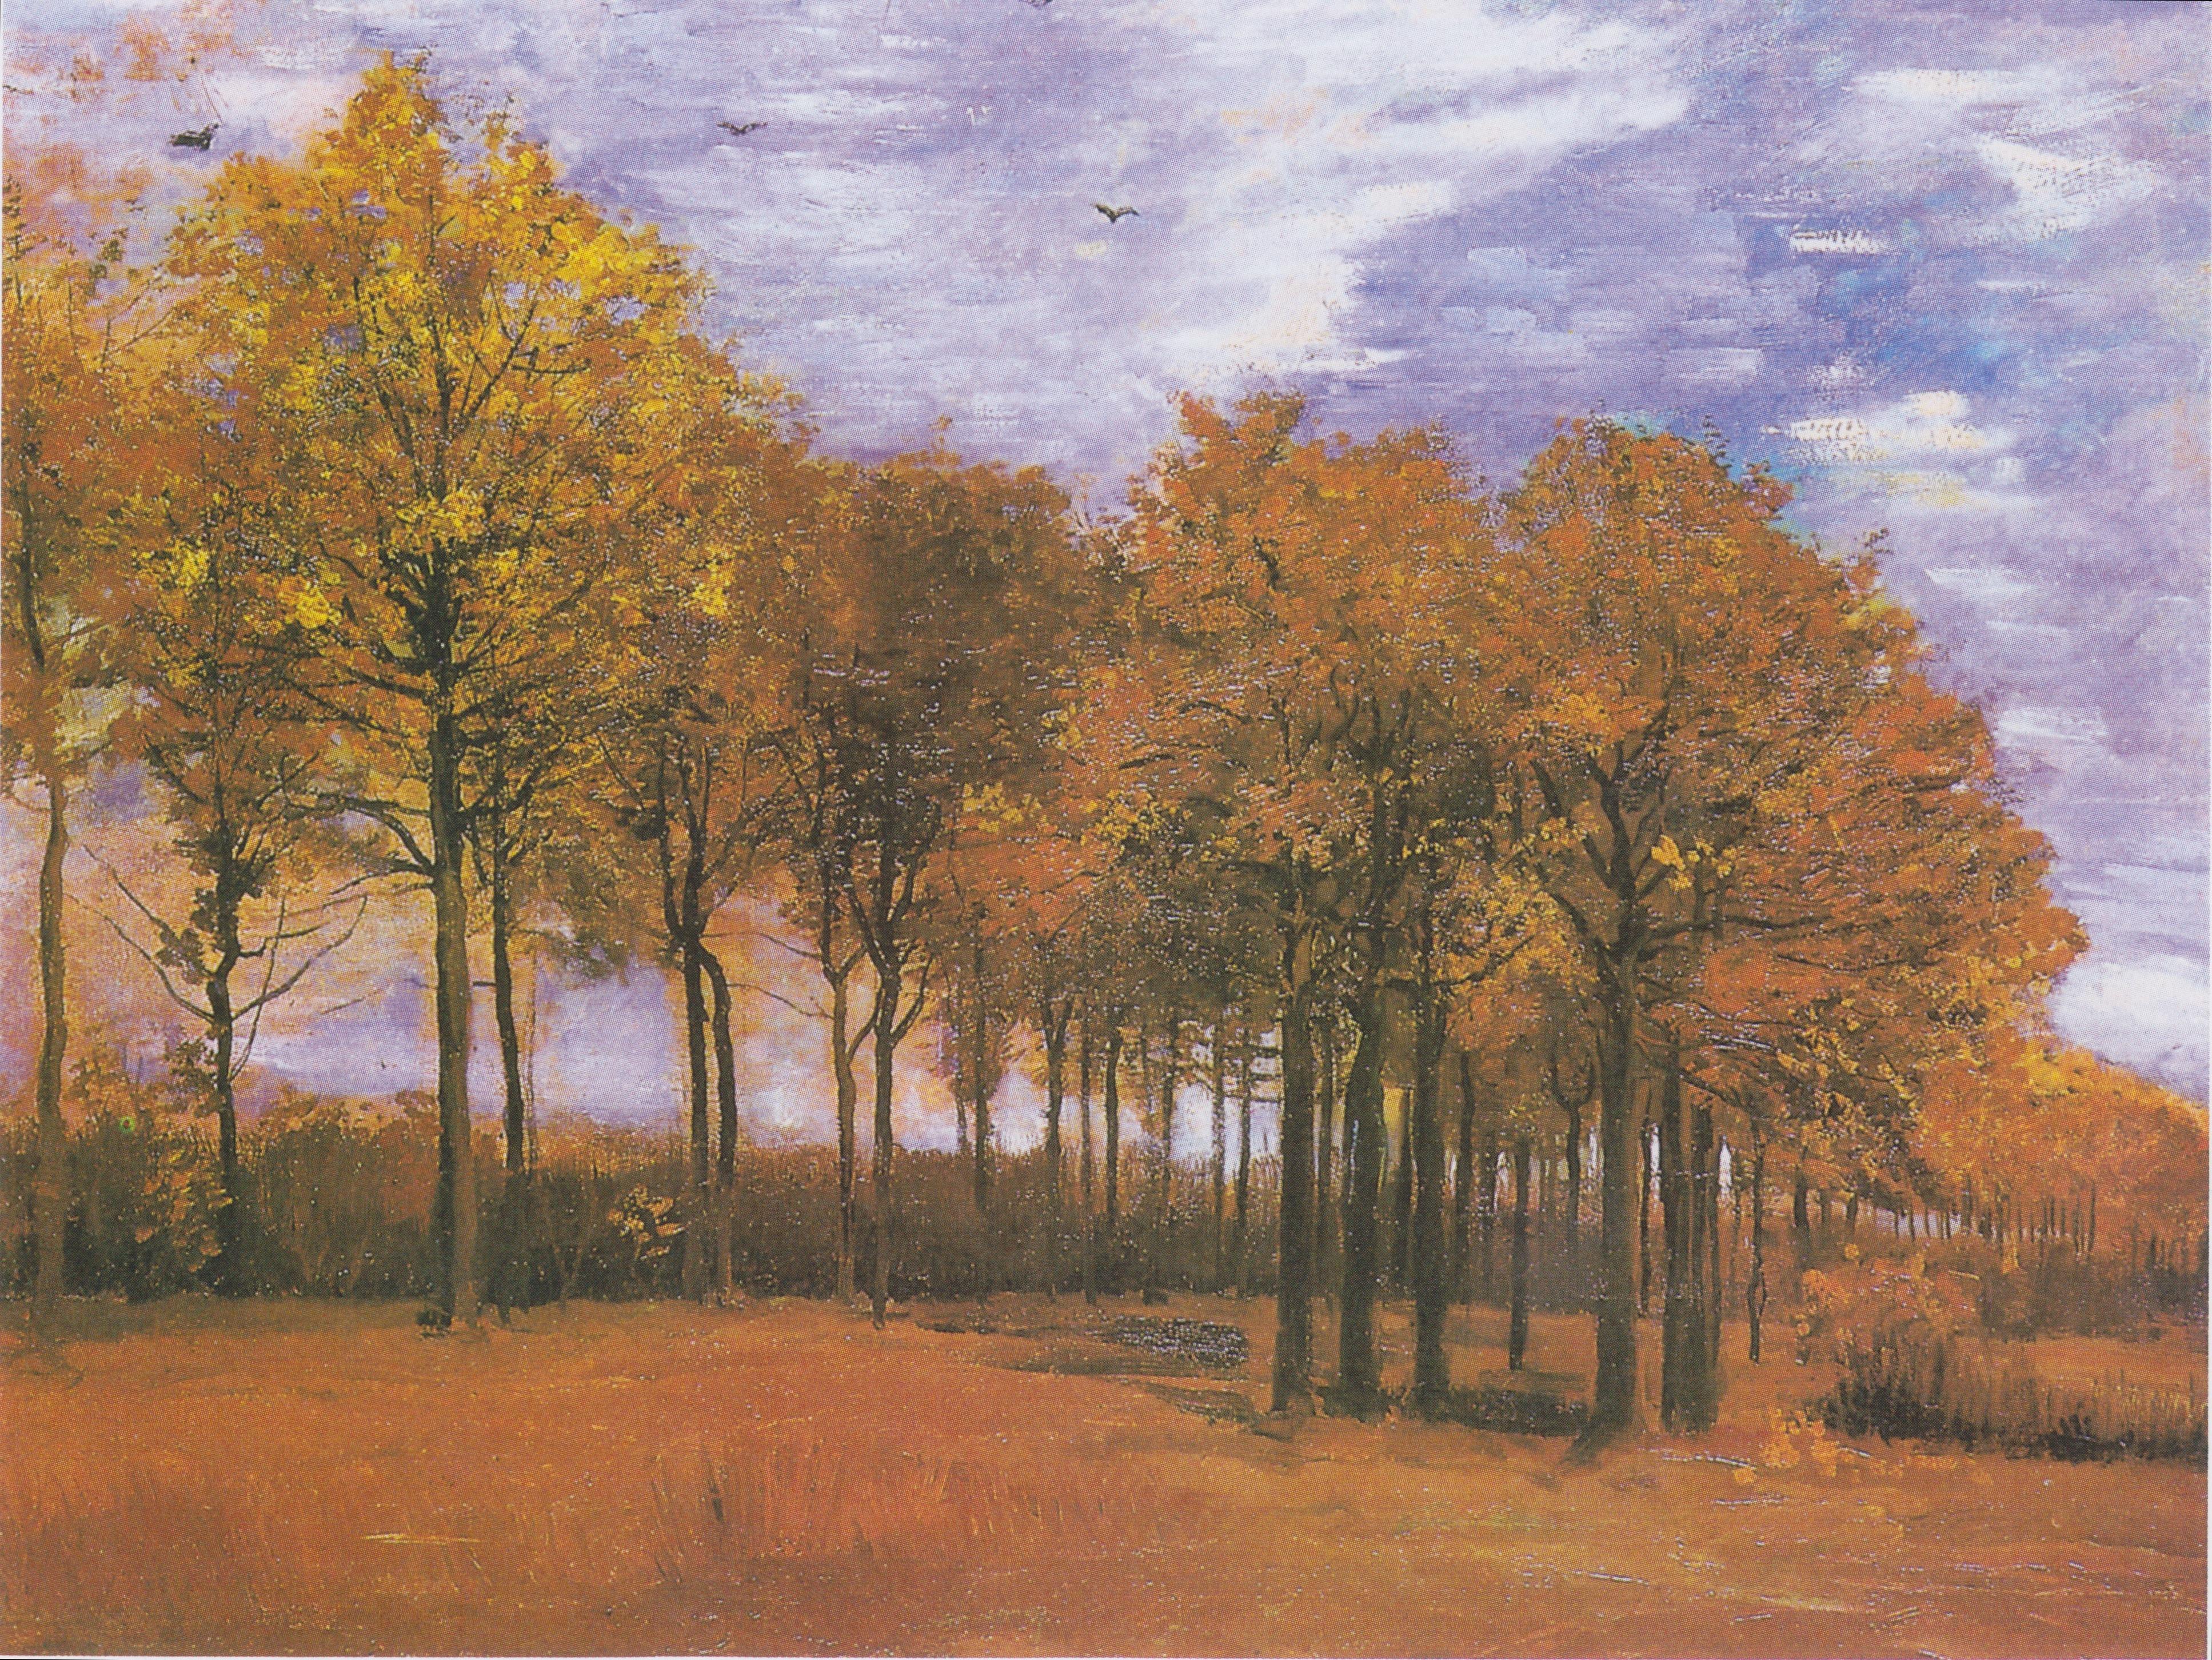 images gratuites   paysage  arbre  la nature  plante  ciel  champ  prairie  campagne  matin